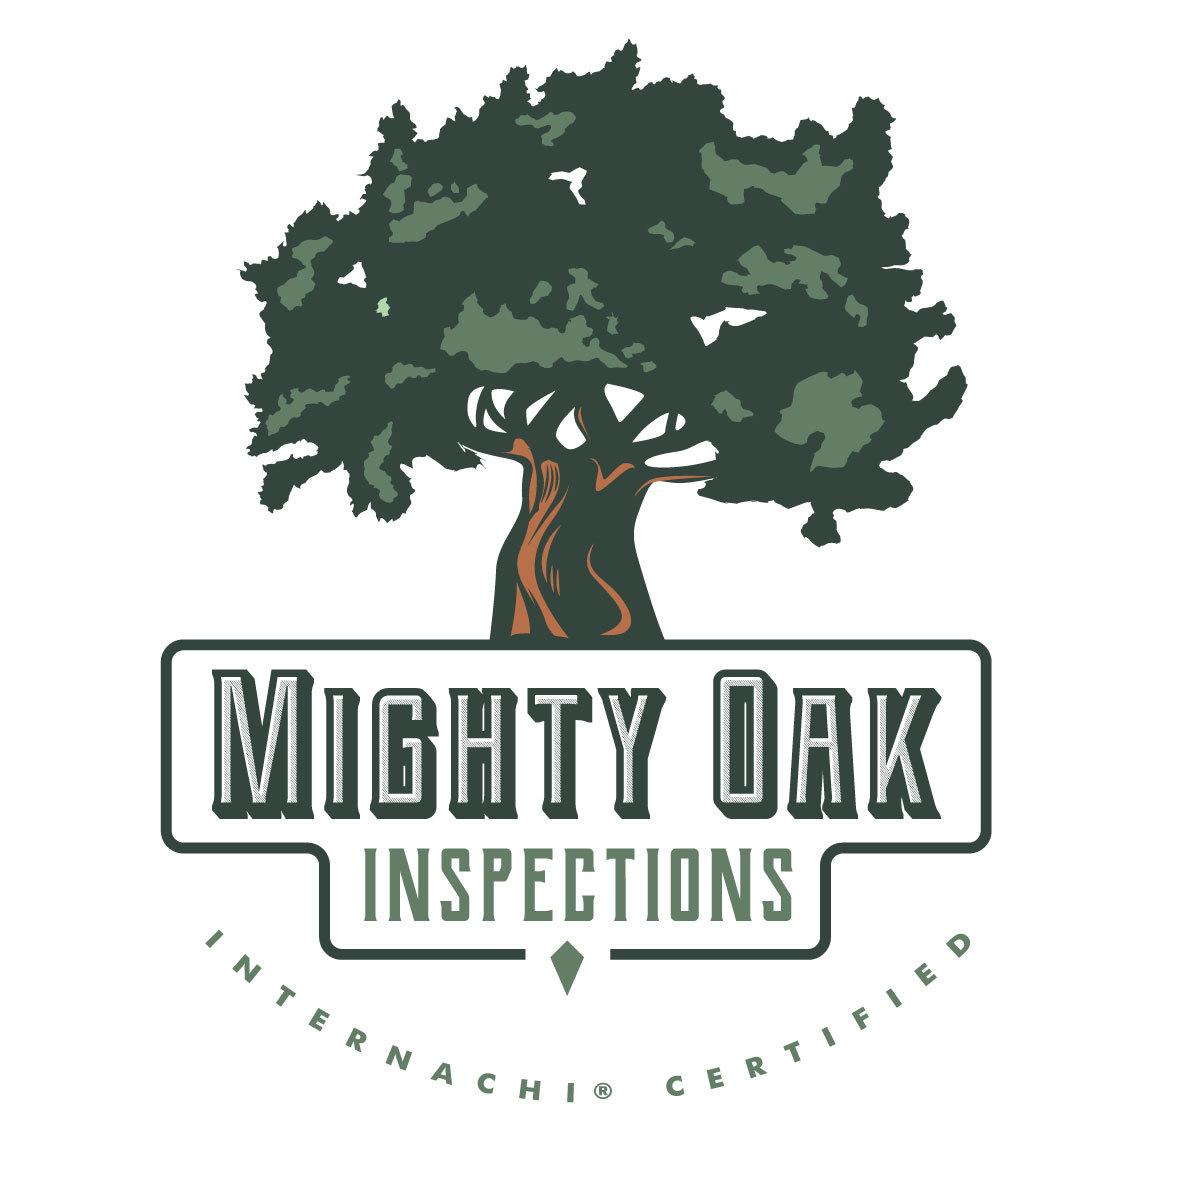 Mighty oak home inspector logo